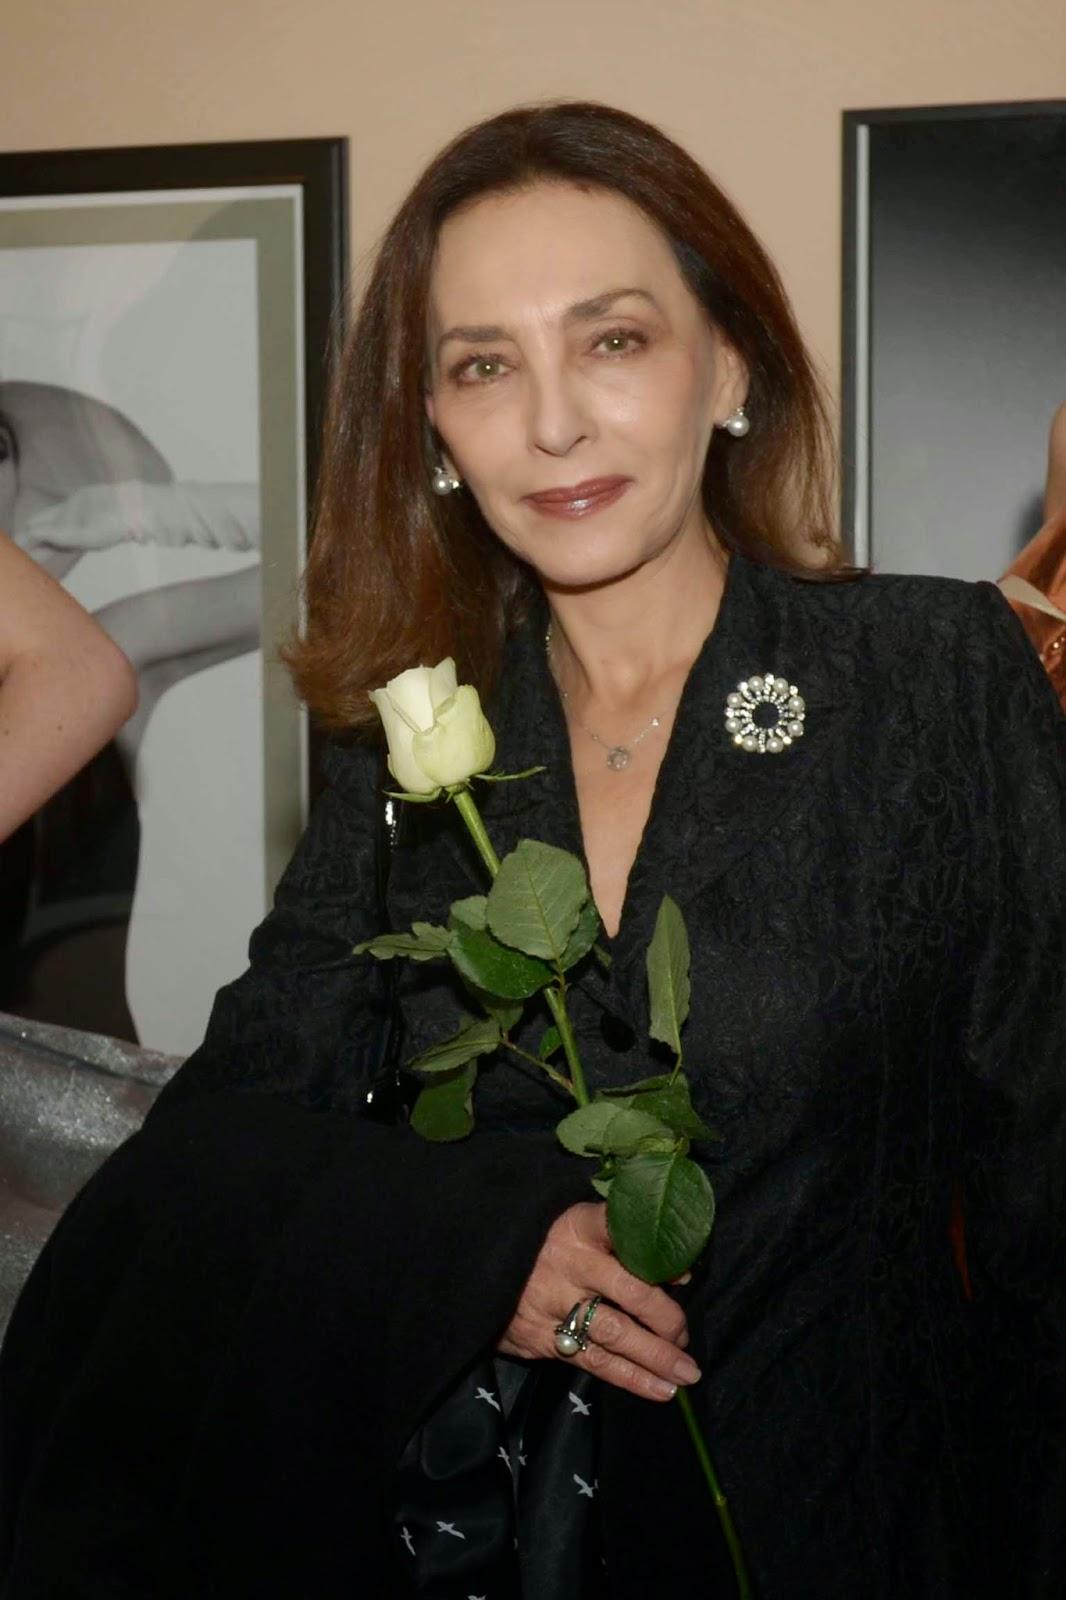 Gabriella sassone dicembre 2014 for Gabriella sassone